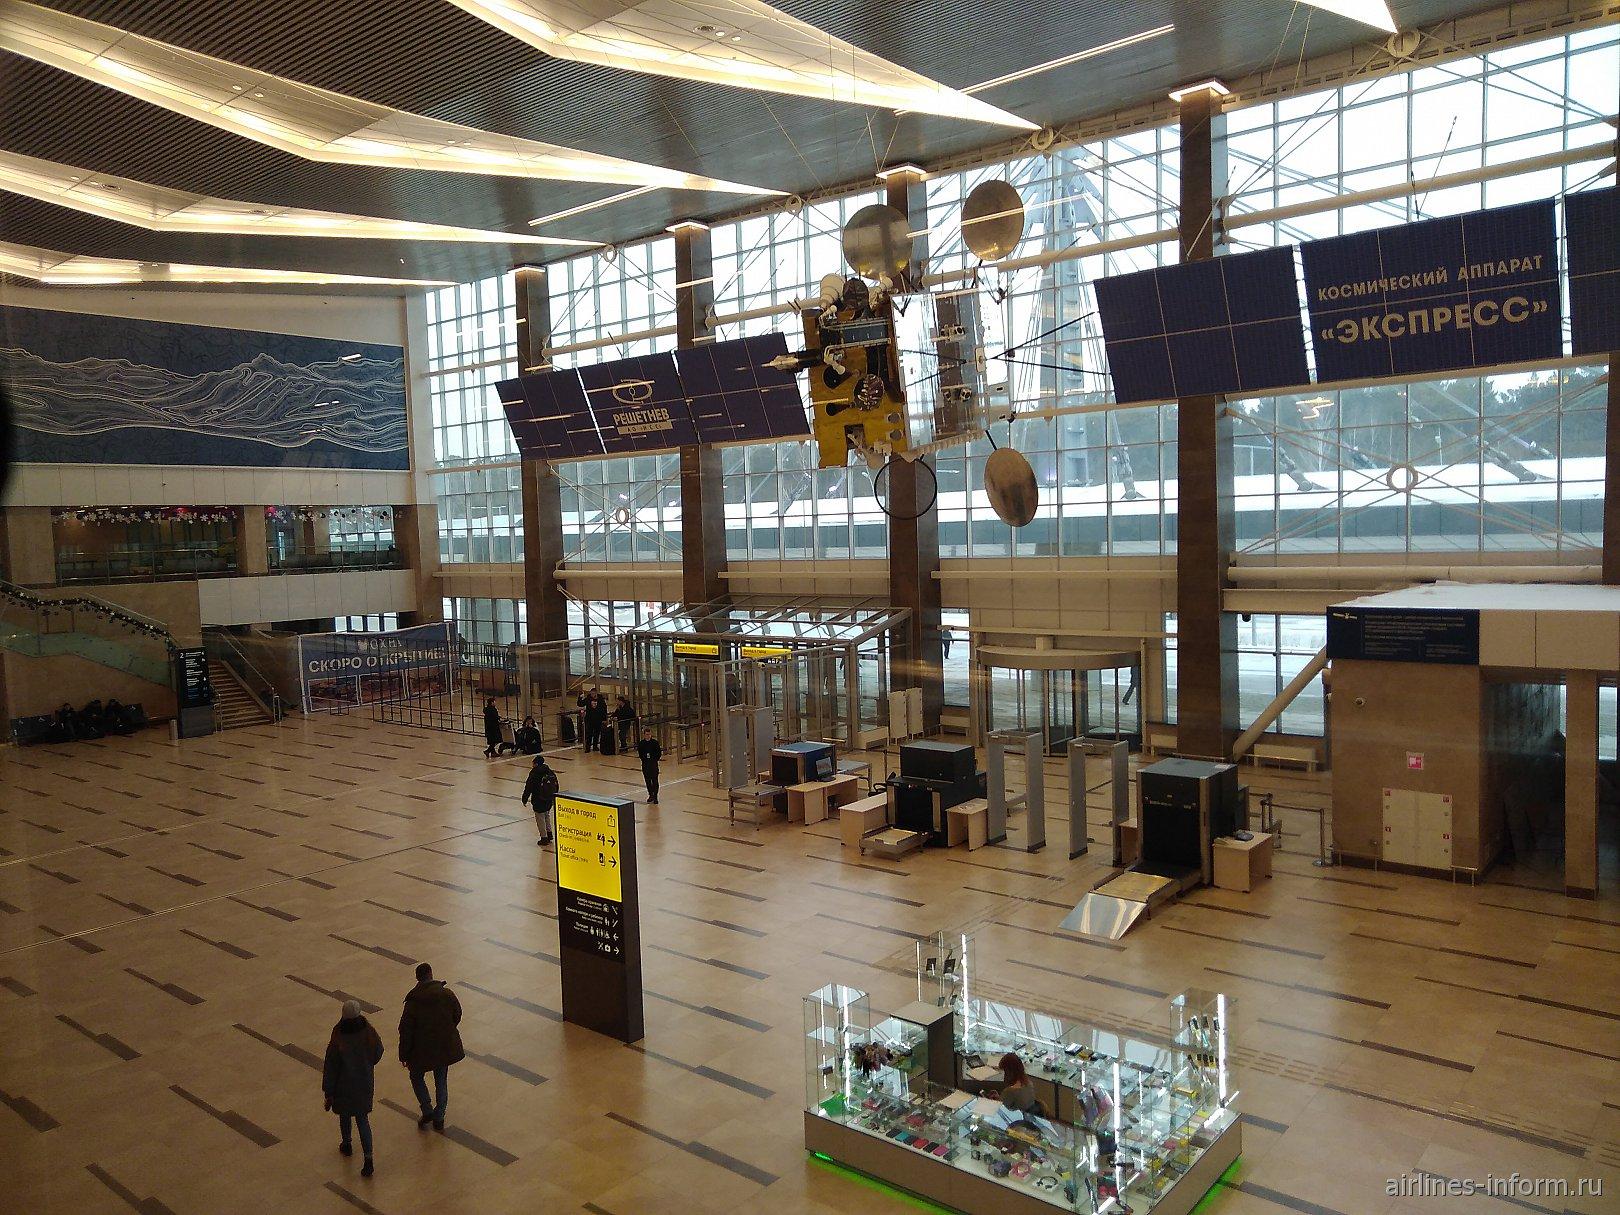 В новом терминале аэропорта Красноярск Емельяново